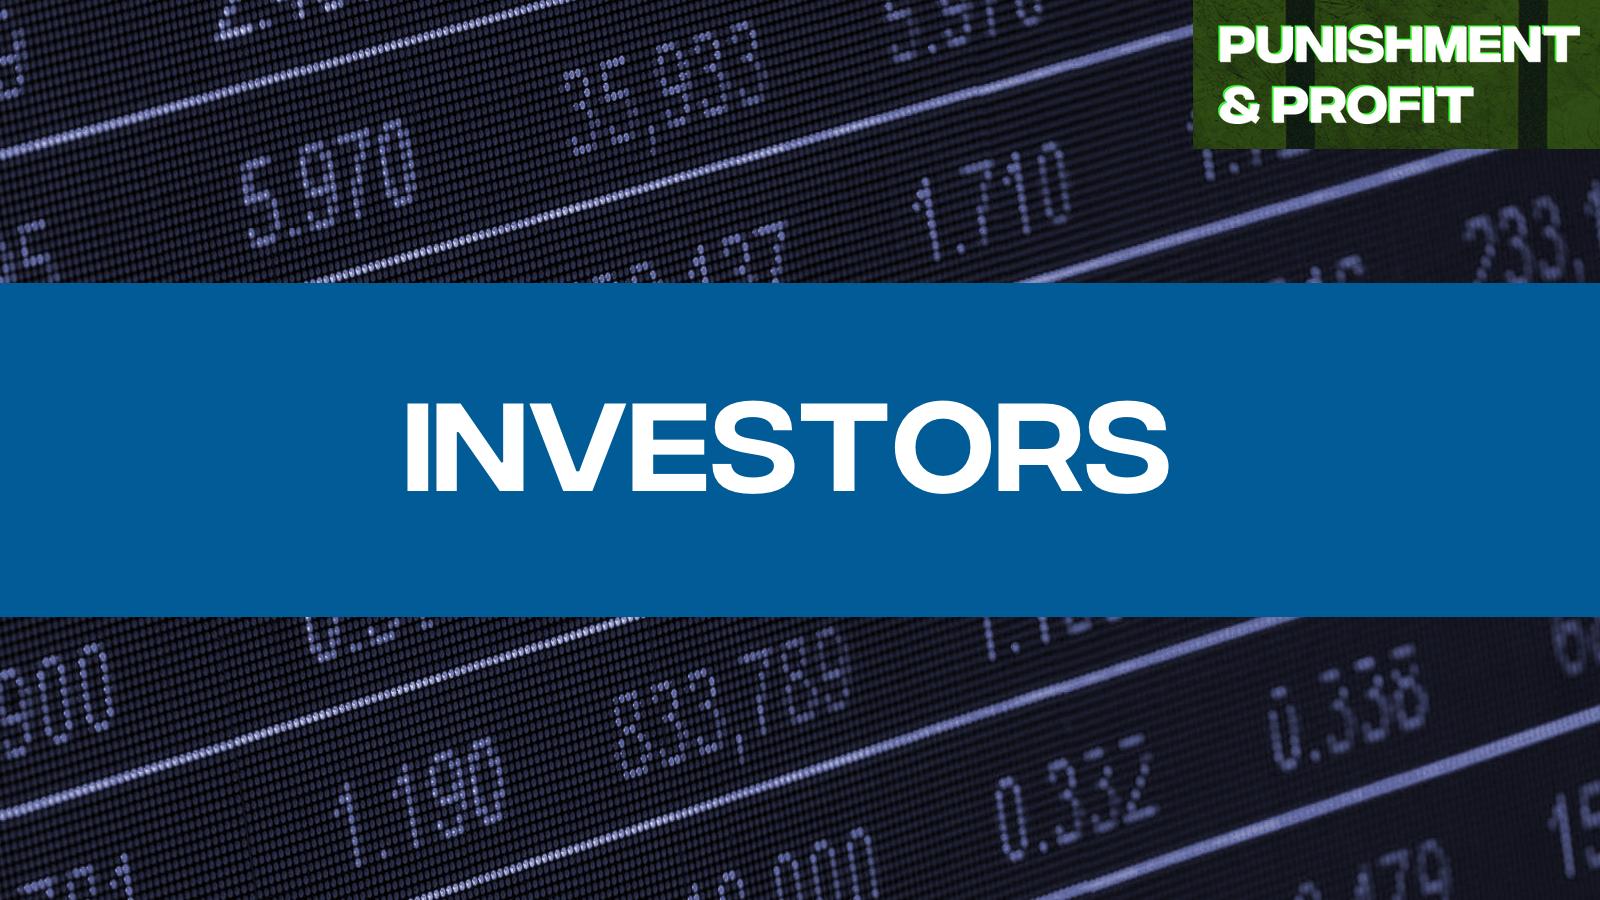 Punishment & Profit – Investors